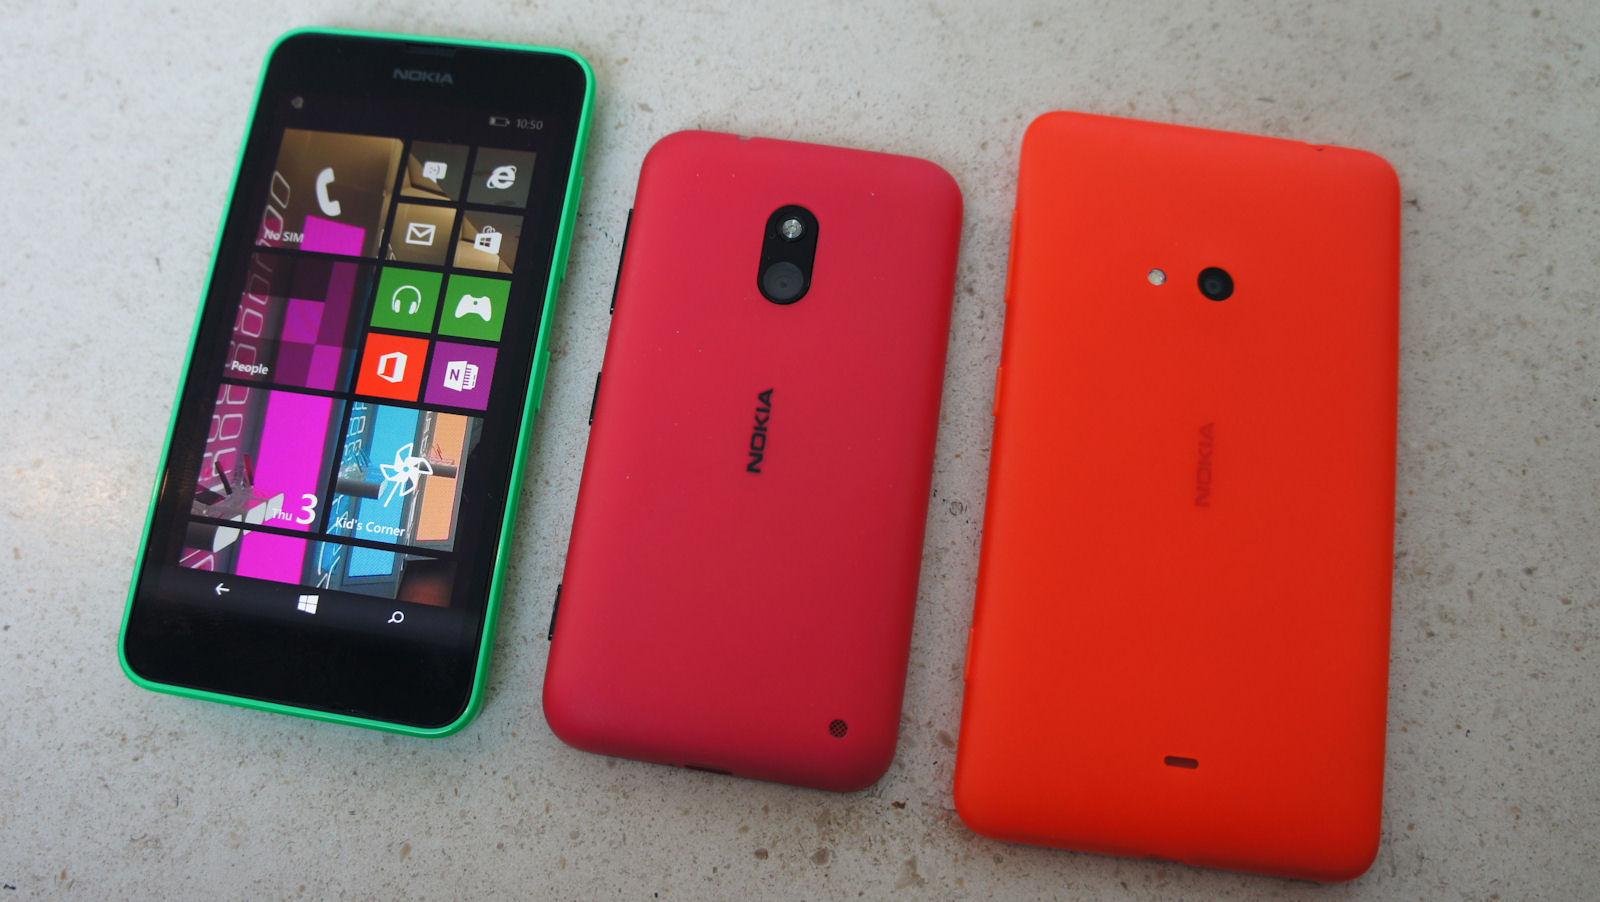 6cd9722ff71 Nokia Lumia 630 and 635